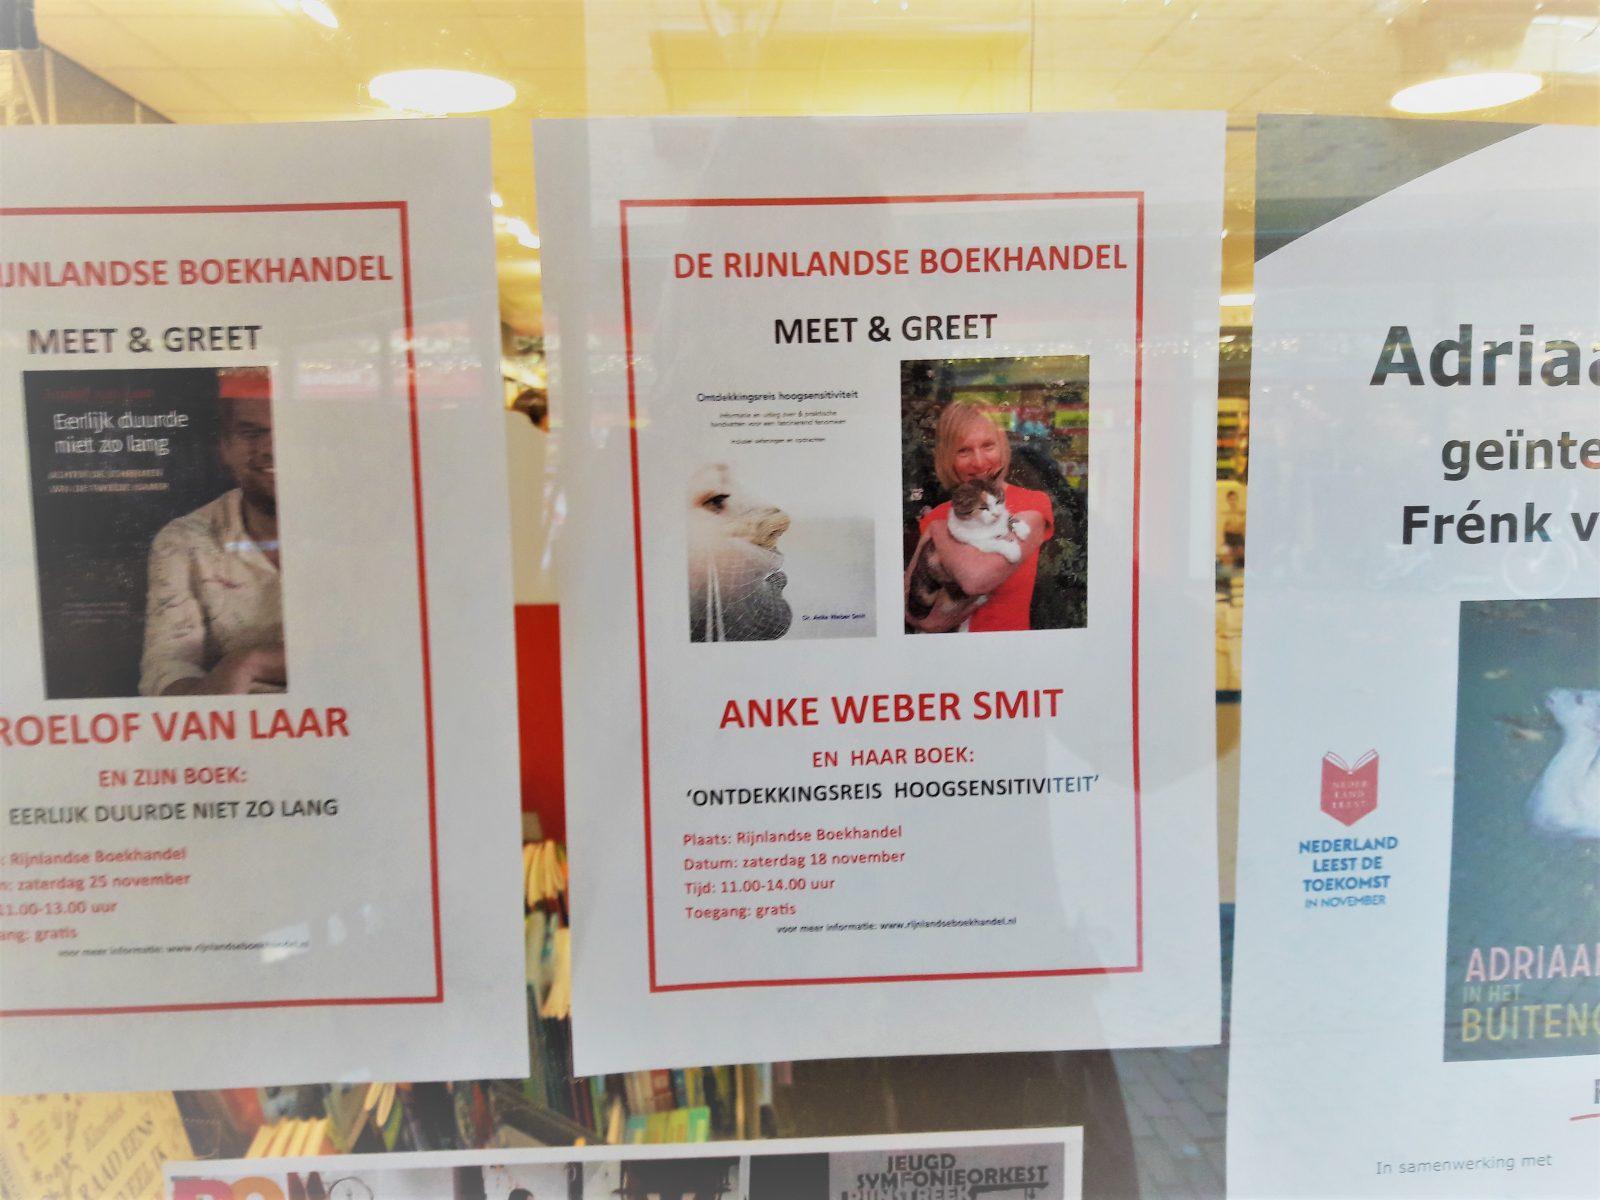 Meet & Greet in de Rijnlandse Boekhandel: morgen!